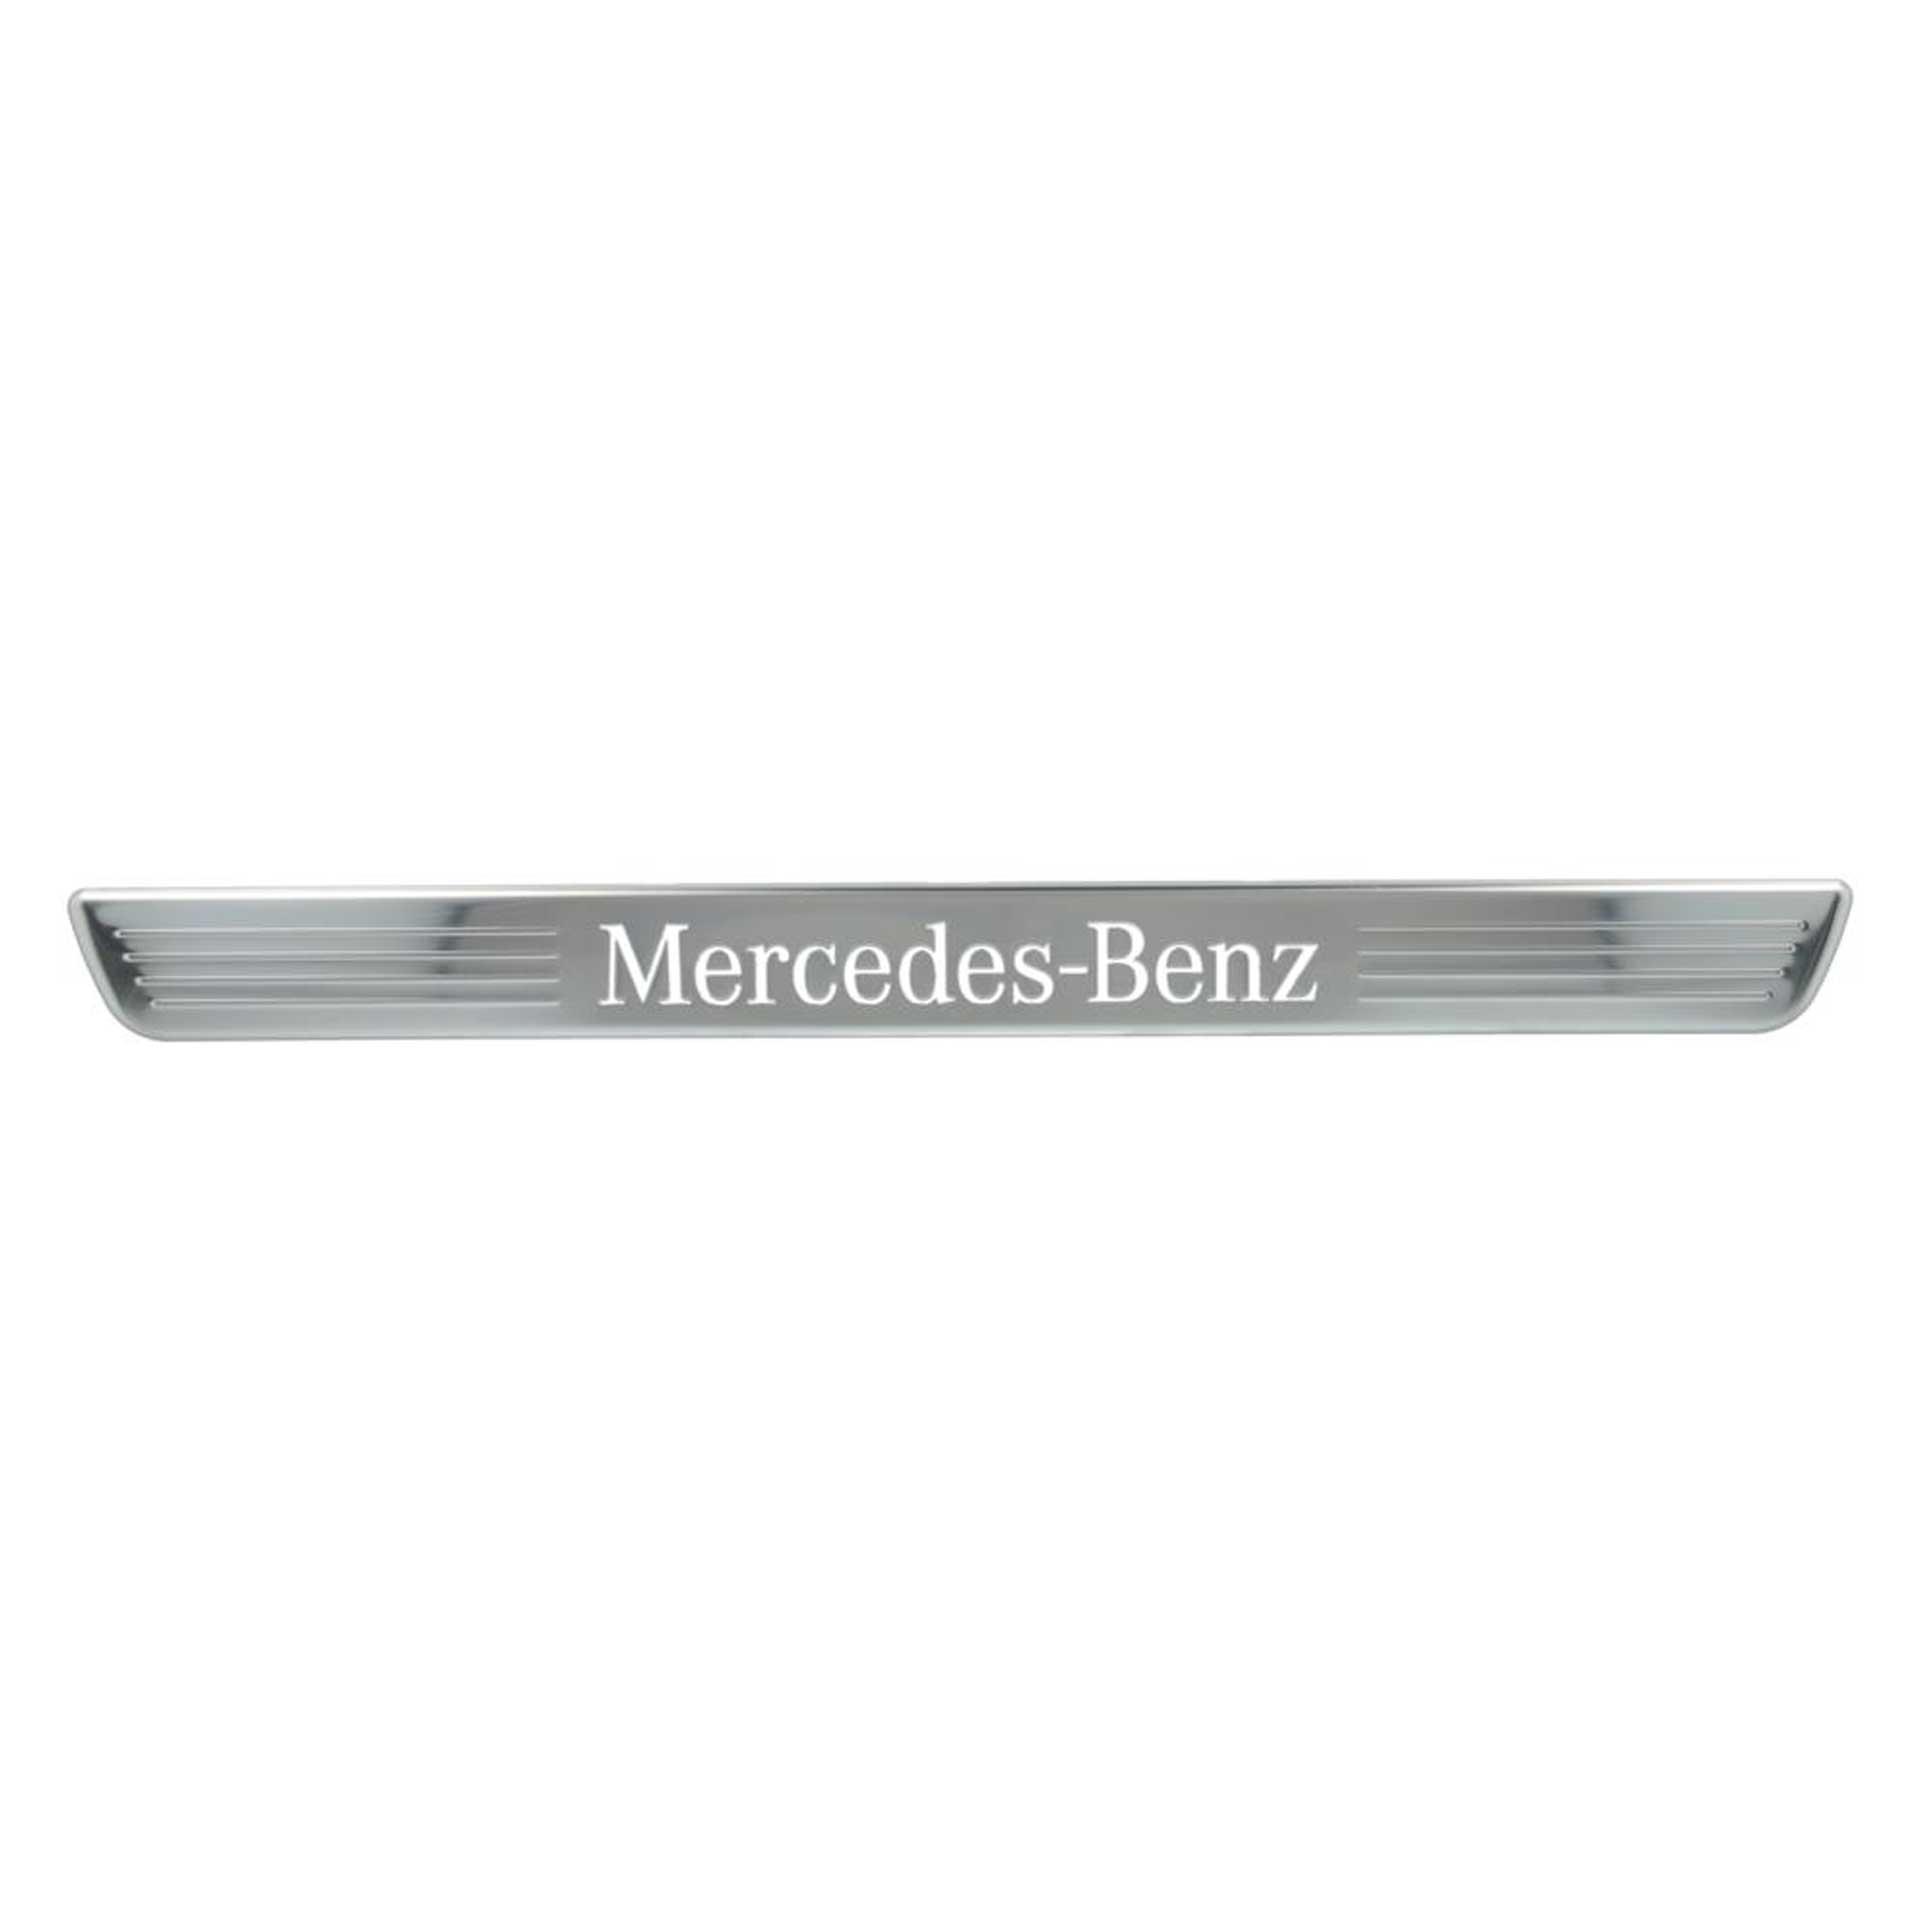 Mercedes-Benz Einstiegsleisten beleuchtet vorne Wechselcover 2-teilig A-Klasse CLA EQA GLA GLB GLE GLS